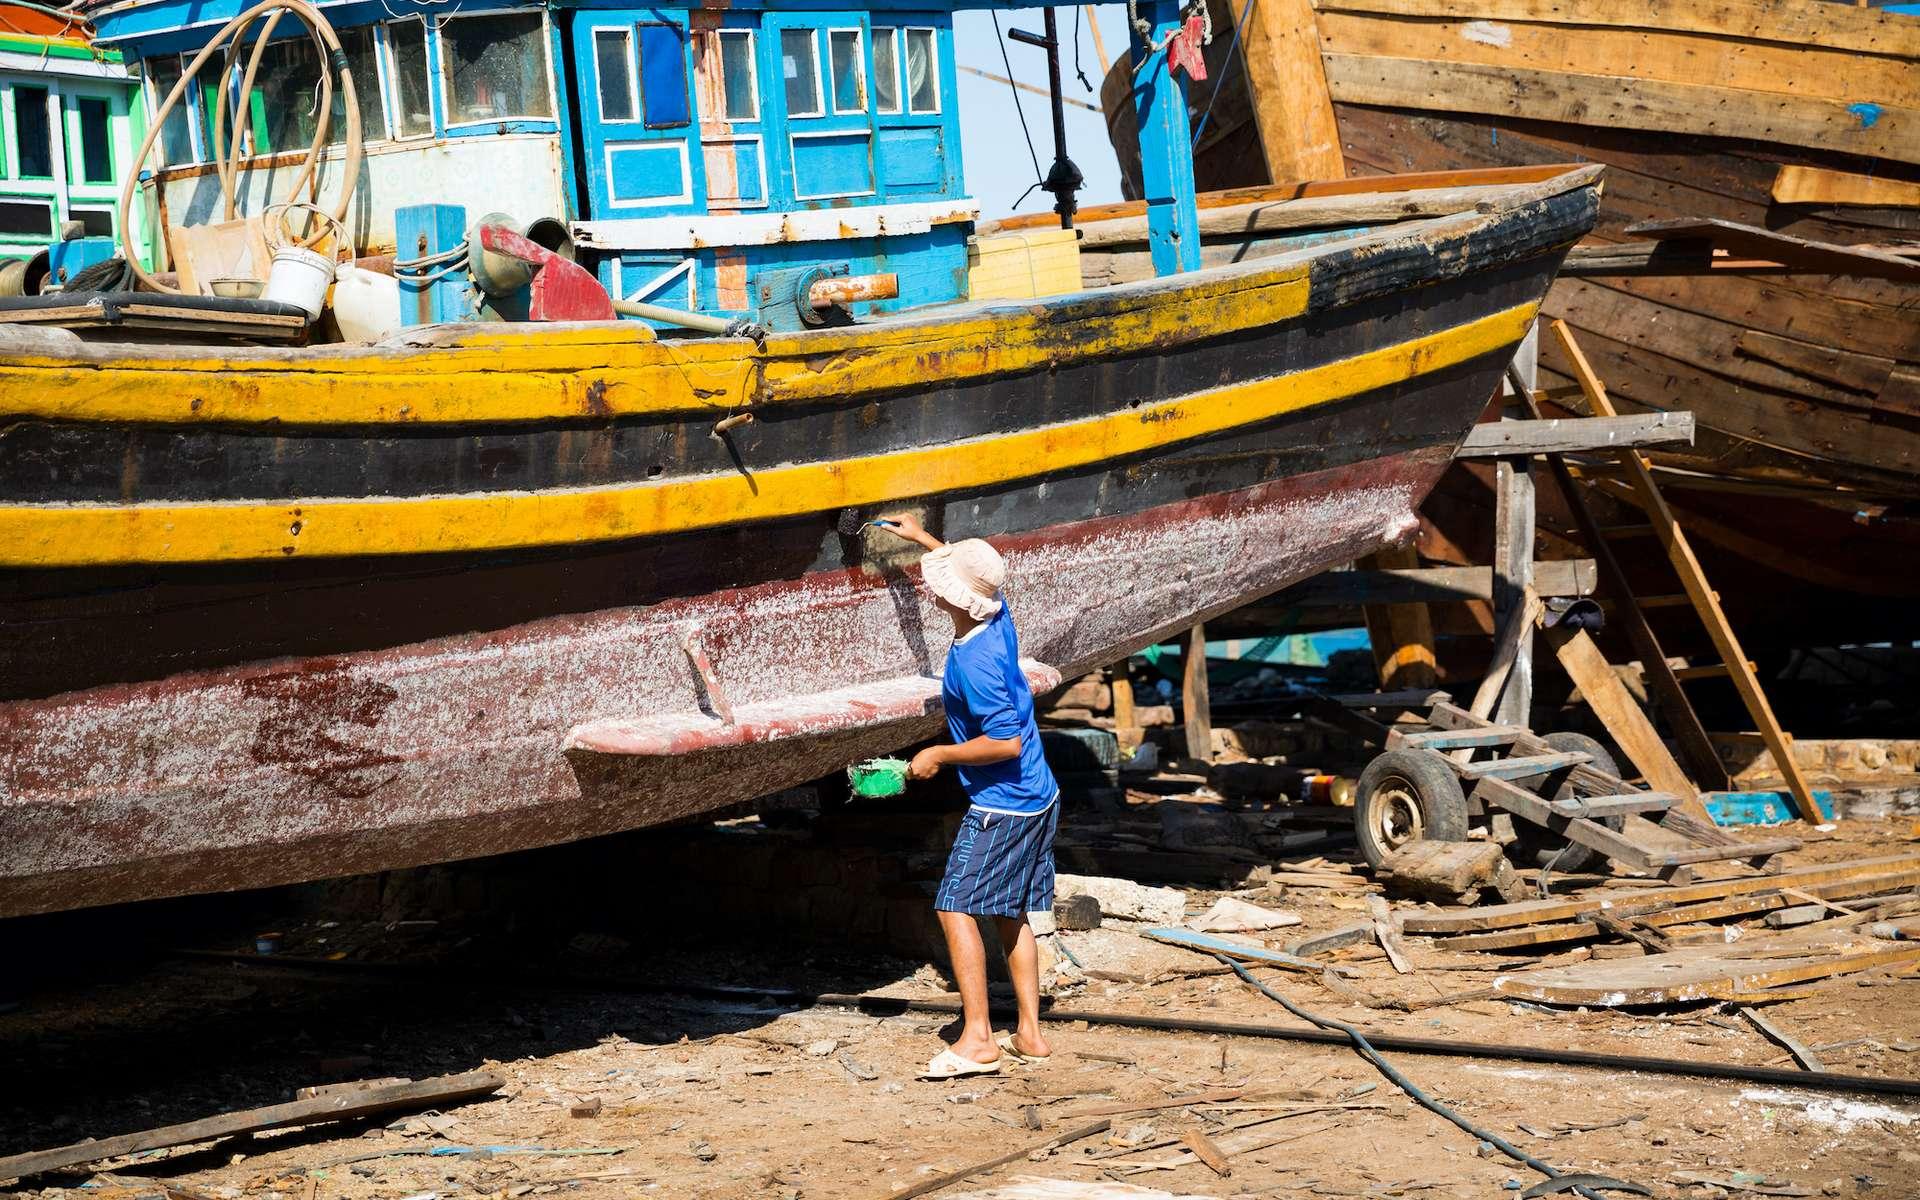 Le calfatage consiste à recouvrir la coque d'un bateau d'une couche imperméable. © UrbanExplorer, Adobe Stock